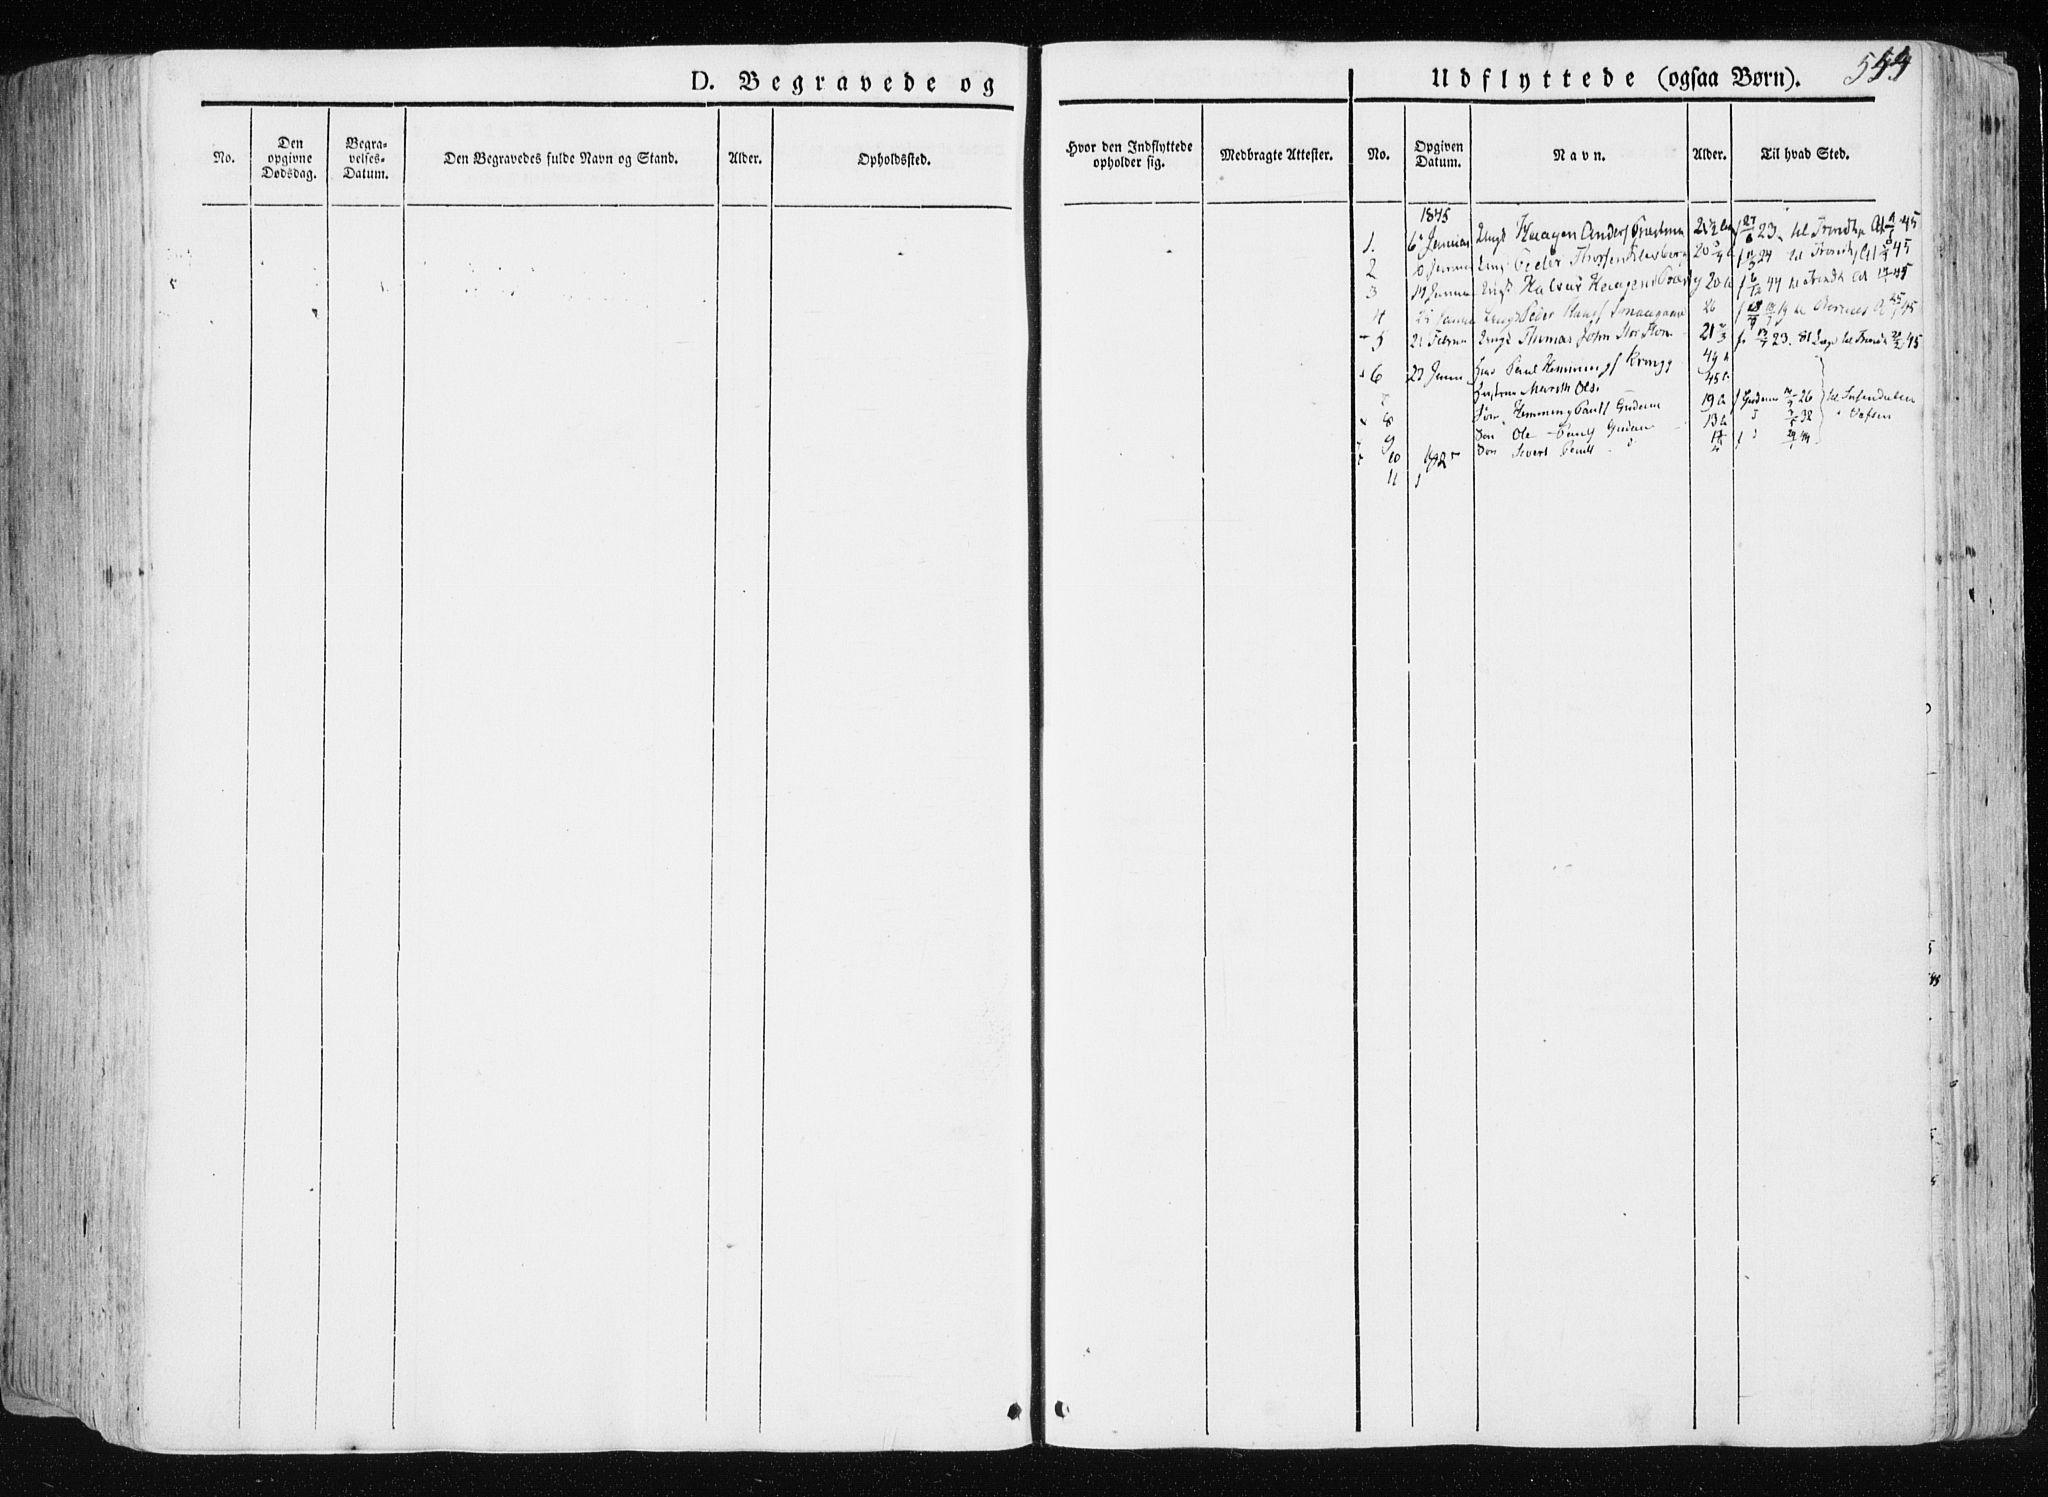 SAT, Ministerialprotokoller, klokkerbøker og fødselsregistre - Nord-Trøndelag, 709/L0074: Ministerialbok nr. 709A14, 1845-1858, s. 544